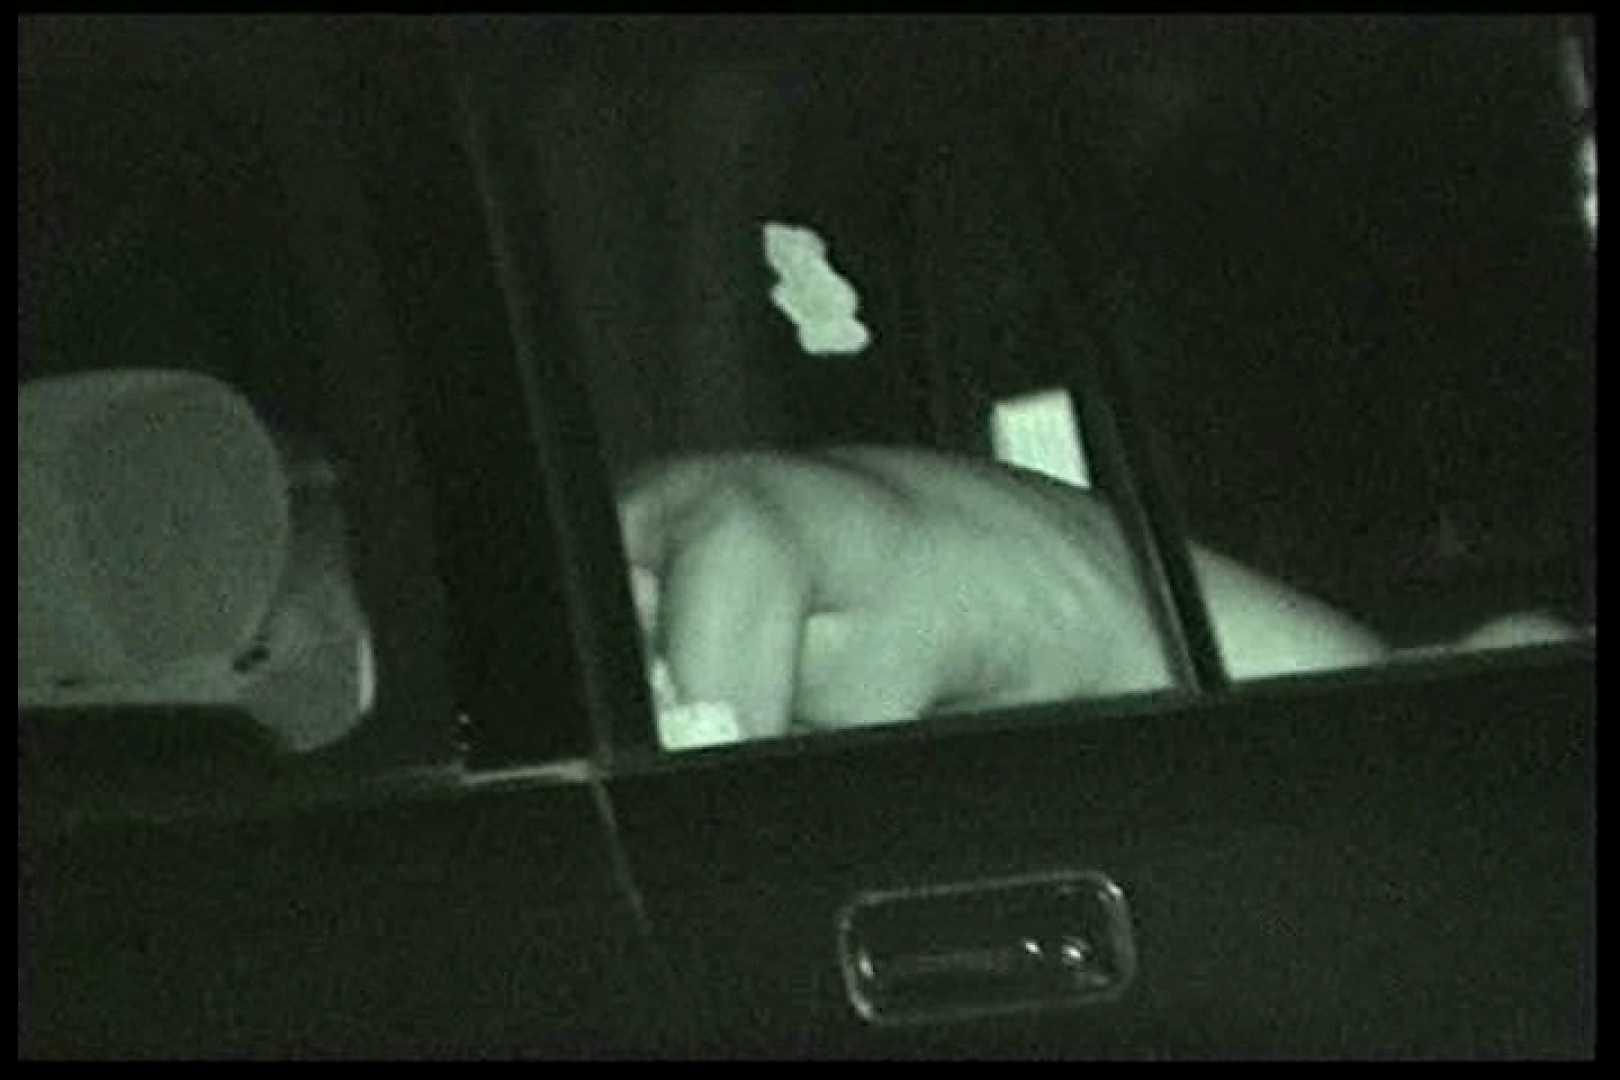 車の中はラブホテル 無修正版  Vol.14 美しいOLの裸体 AV無料動画キャプチャ 77pic 26